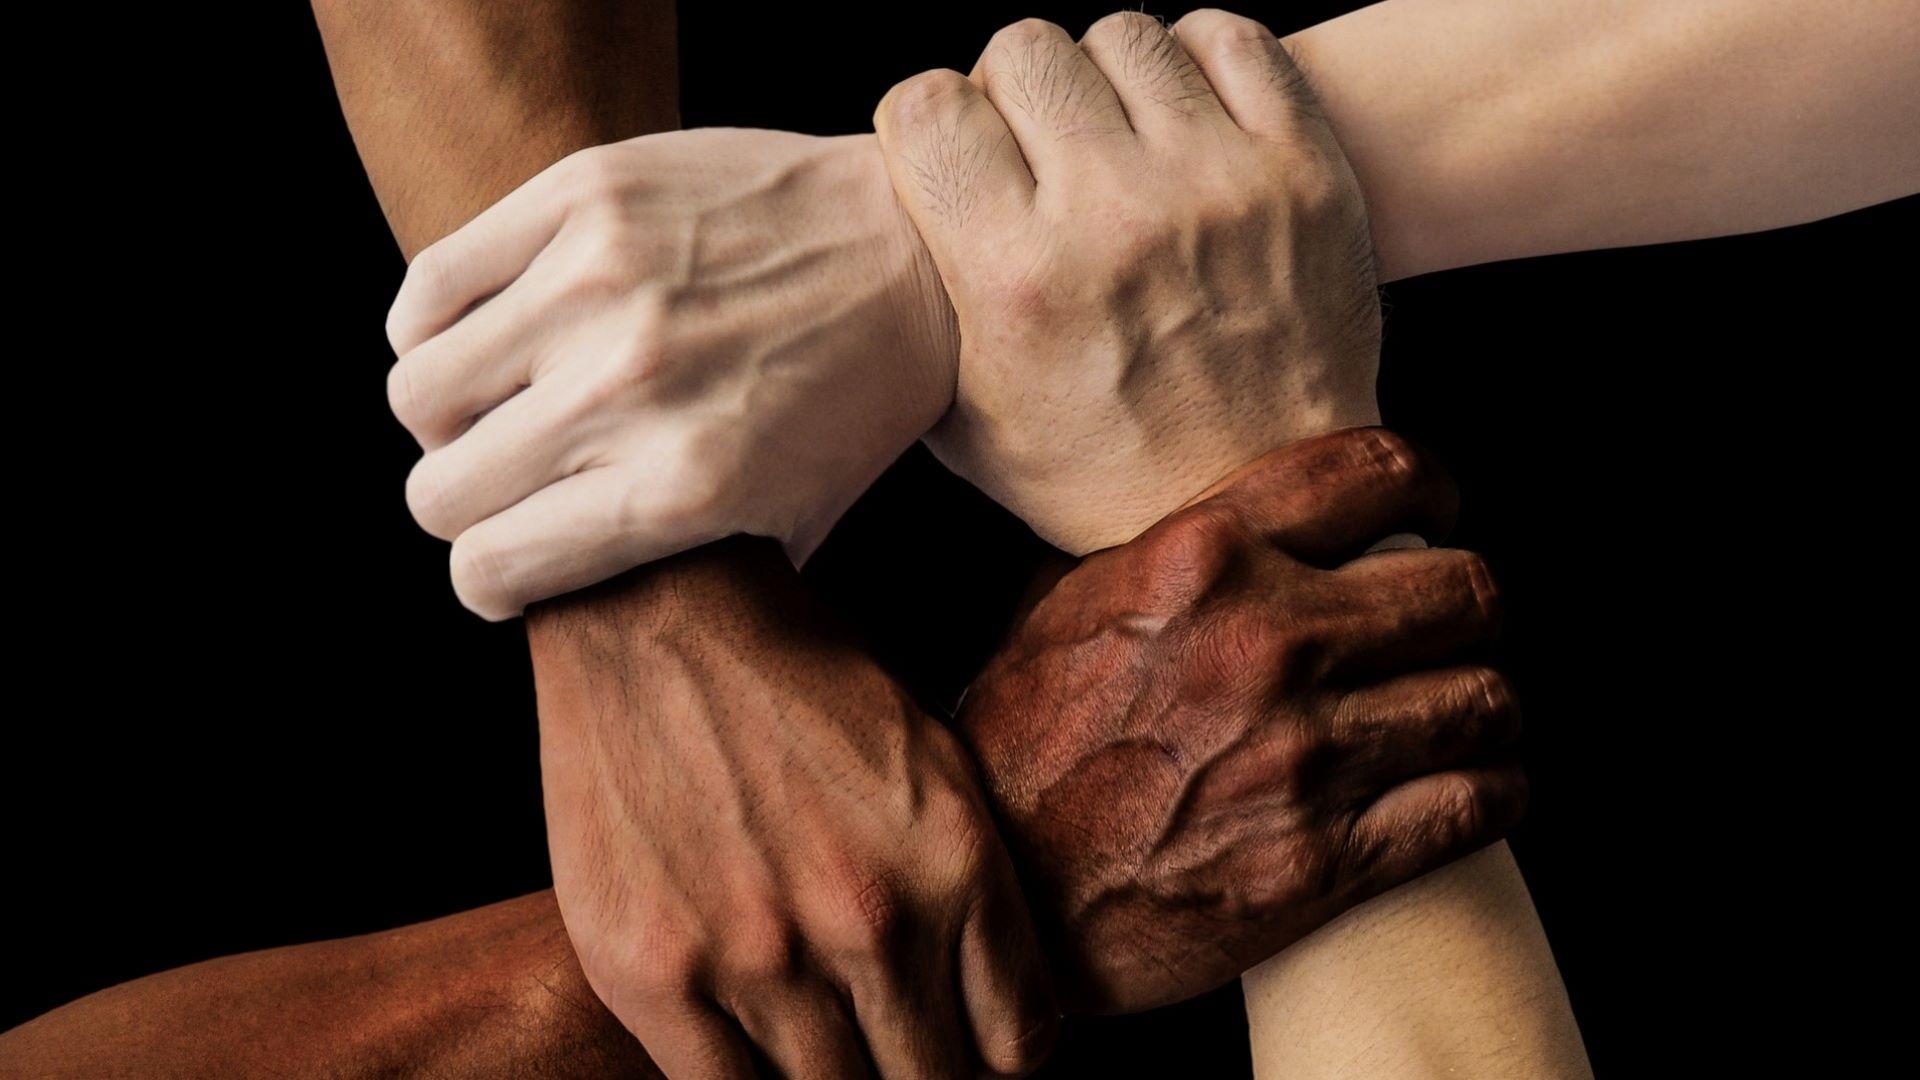 Käsiä, jotka pitävät kiinni toisten ranteista.